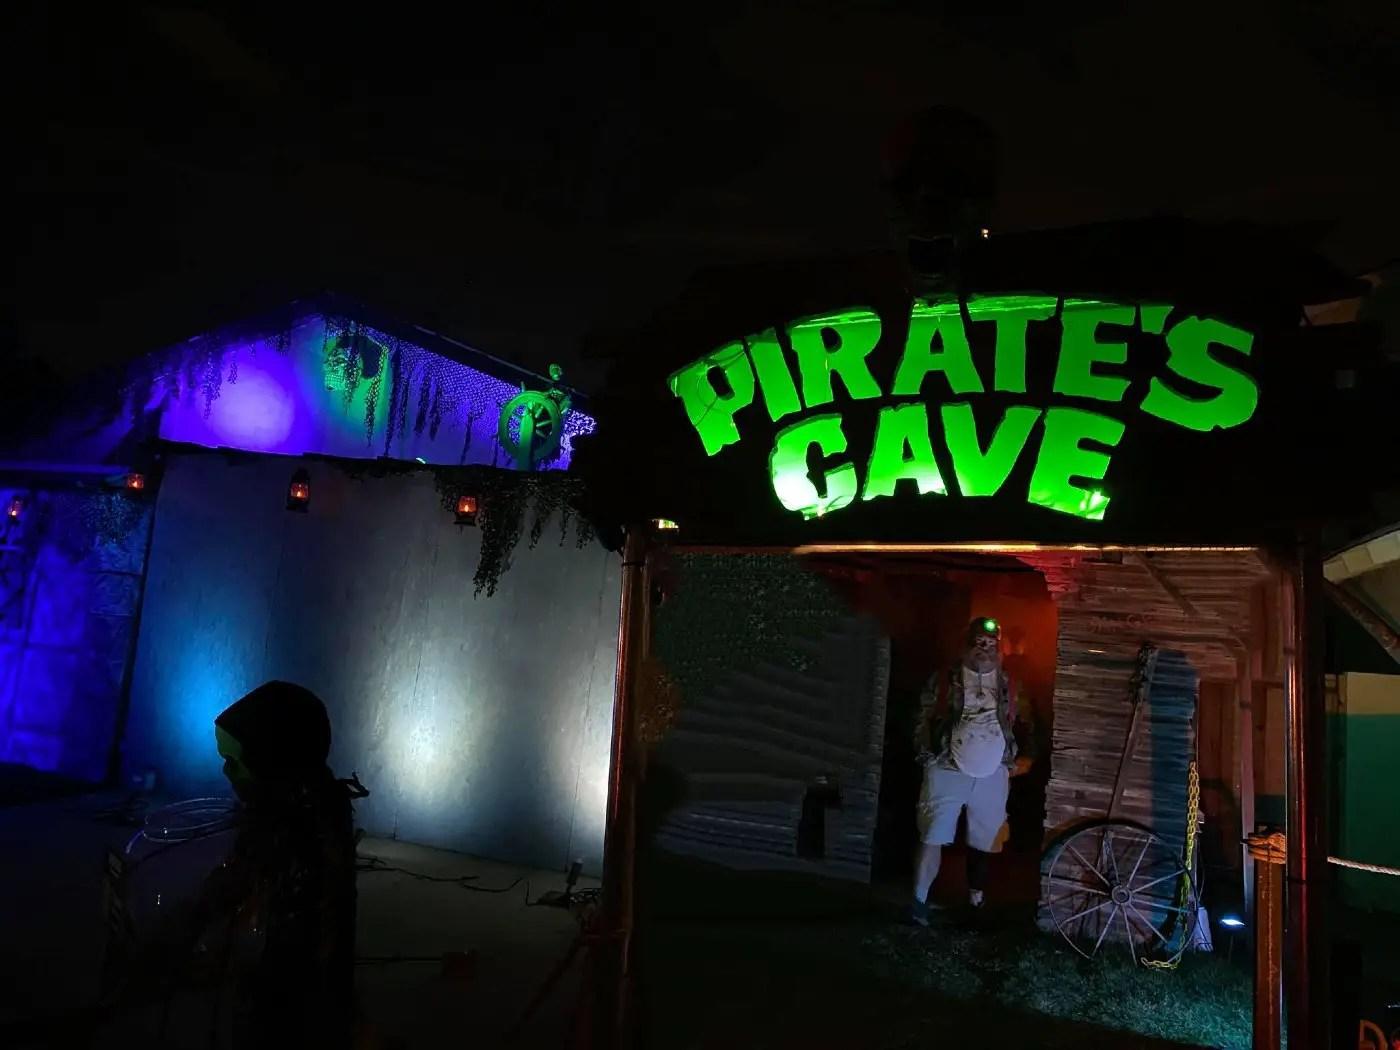 Pirate's Cave 2021 - Curse of Calico Jack - Home Haunt - Orange - CA - 16